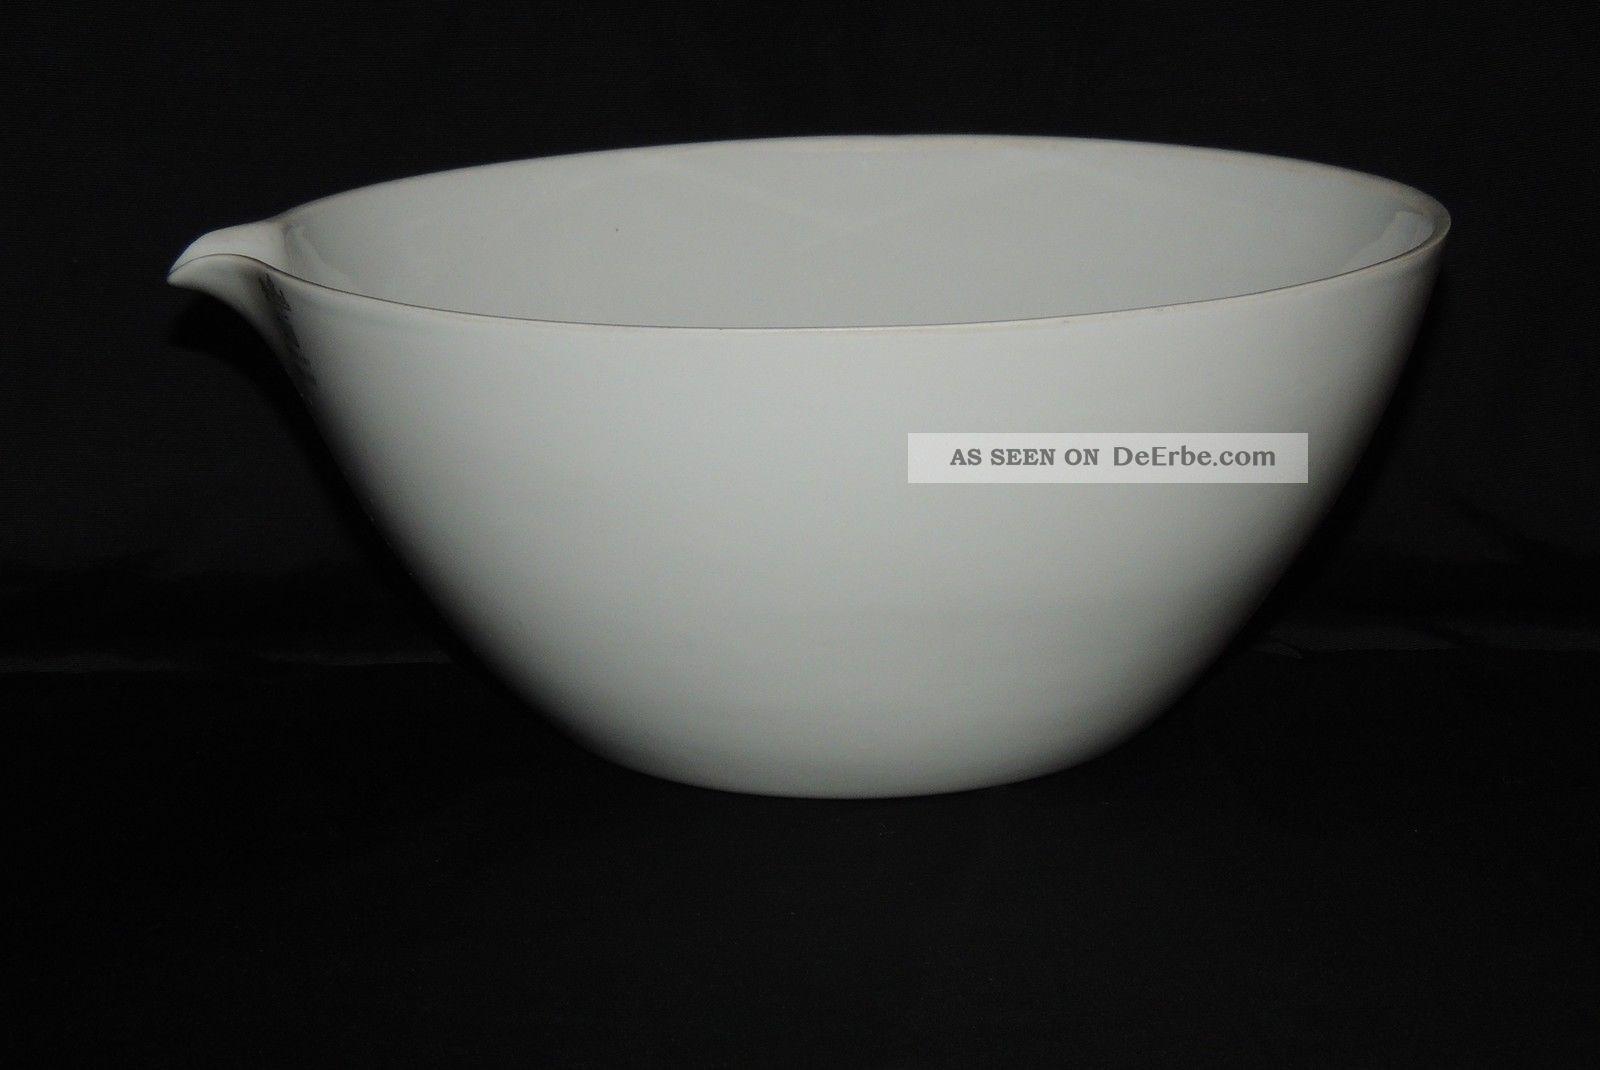 Abdampfschale Nr 4 Porzellanschale mit Ausguß 85 mm Durchmesser